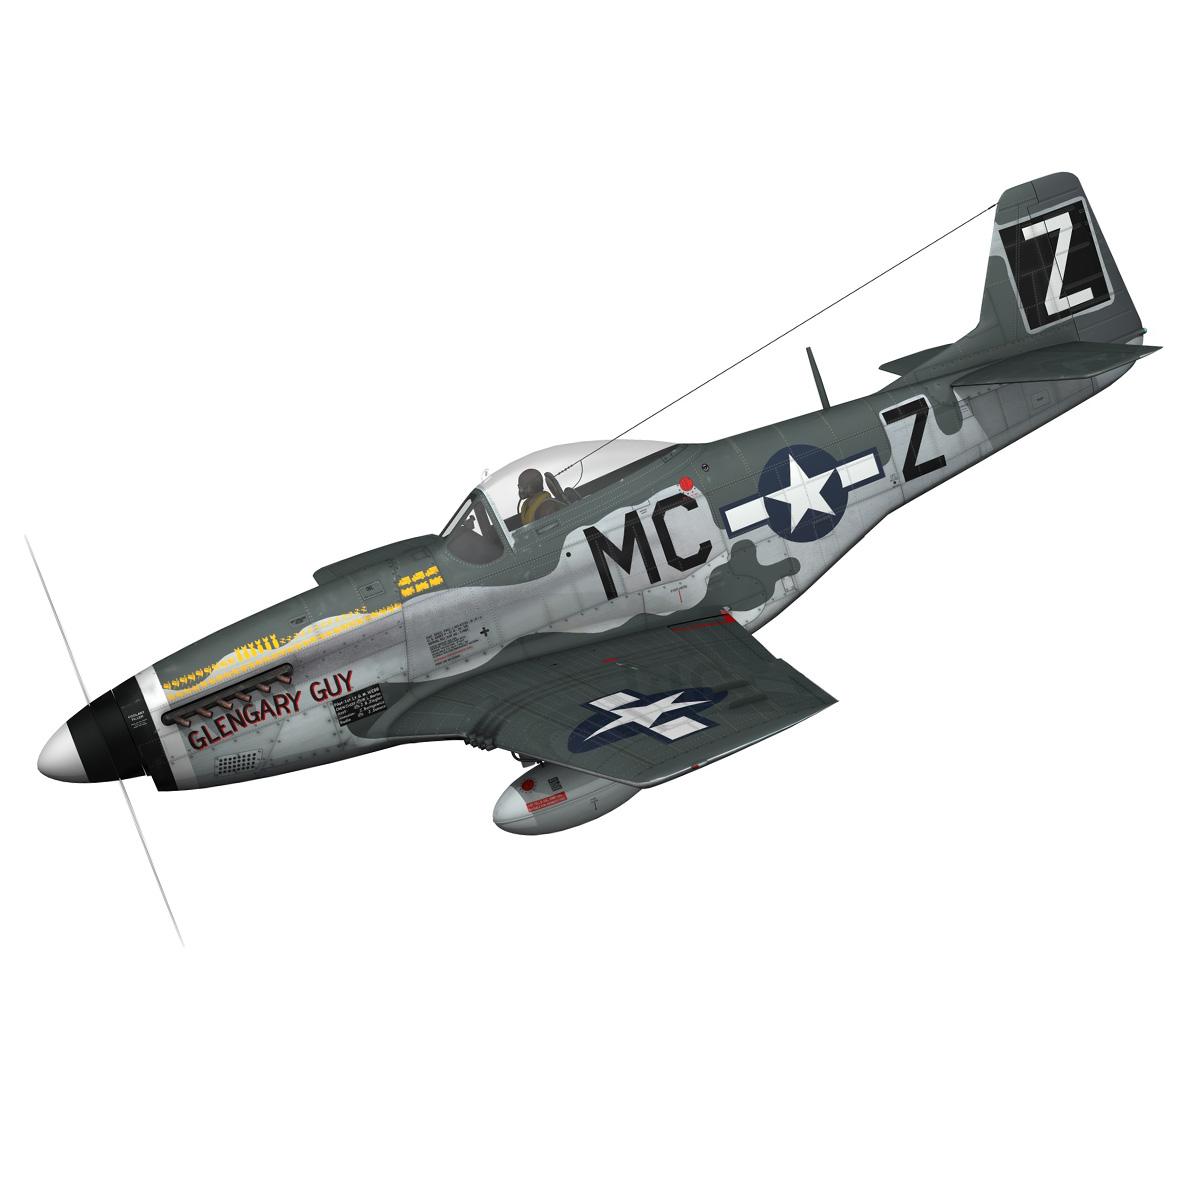 north american p-51d mustang – glengary guy 3d model fbx c4d lwo obj 267516